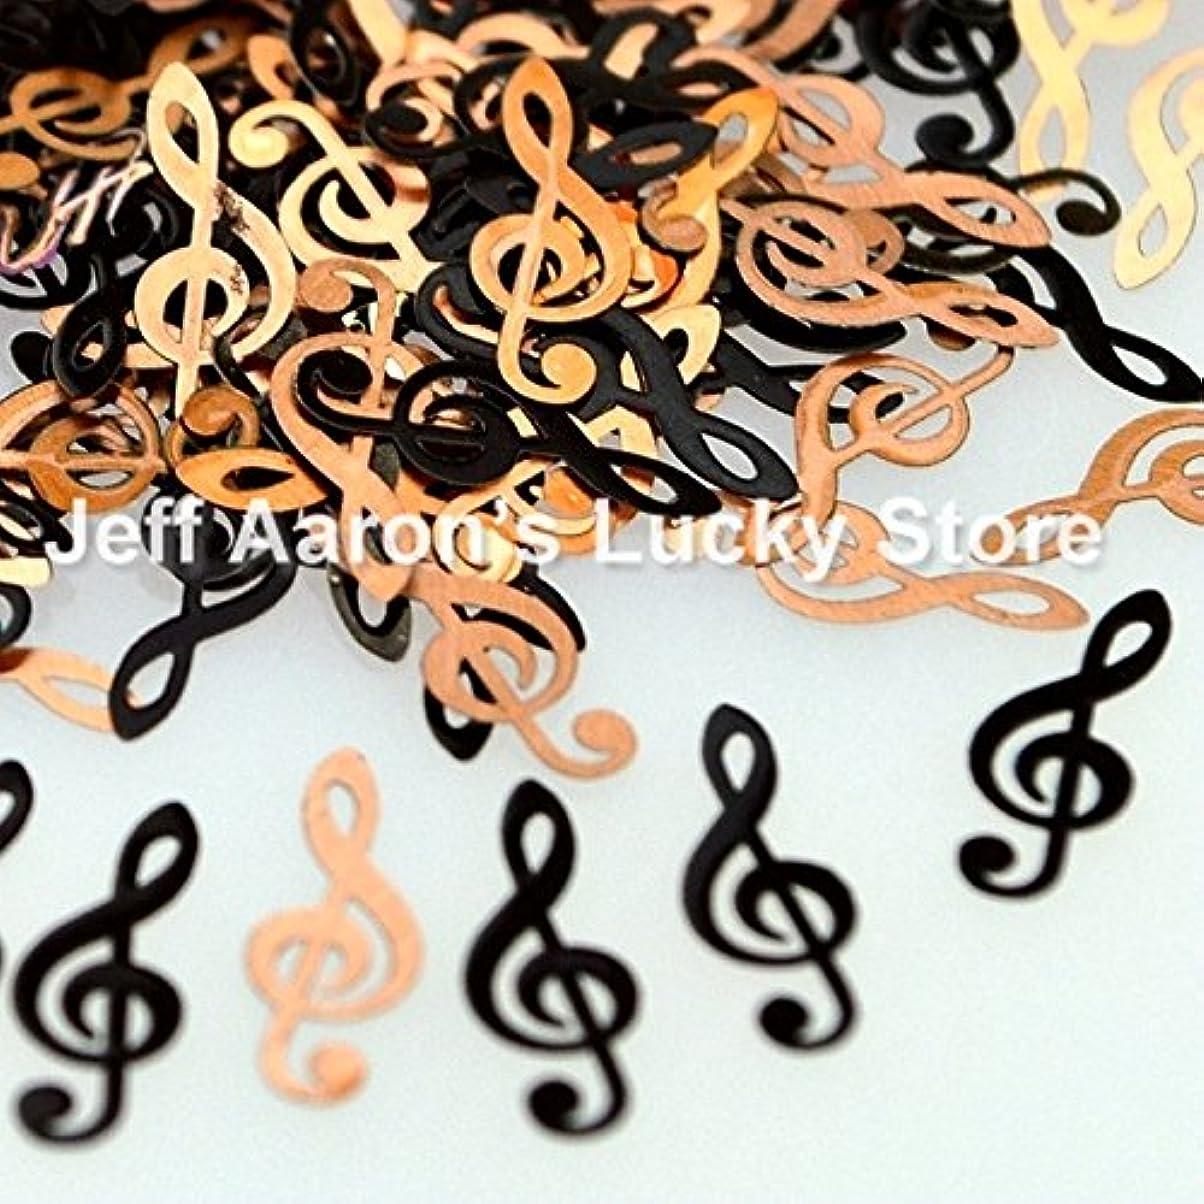 情報れんがスーツケースIthern(TM)ブラック楽譜金属ネイル箔デカールは、3Dネイルアート装飾デザインツールのためのネイルスパンコールをスライス